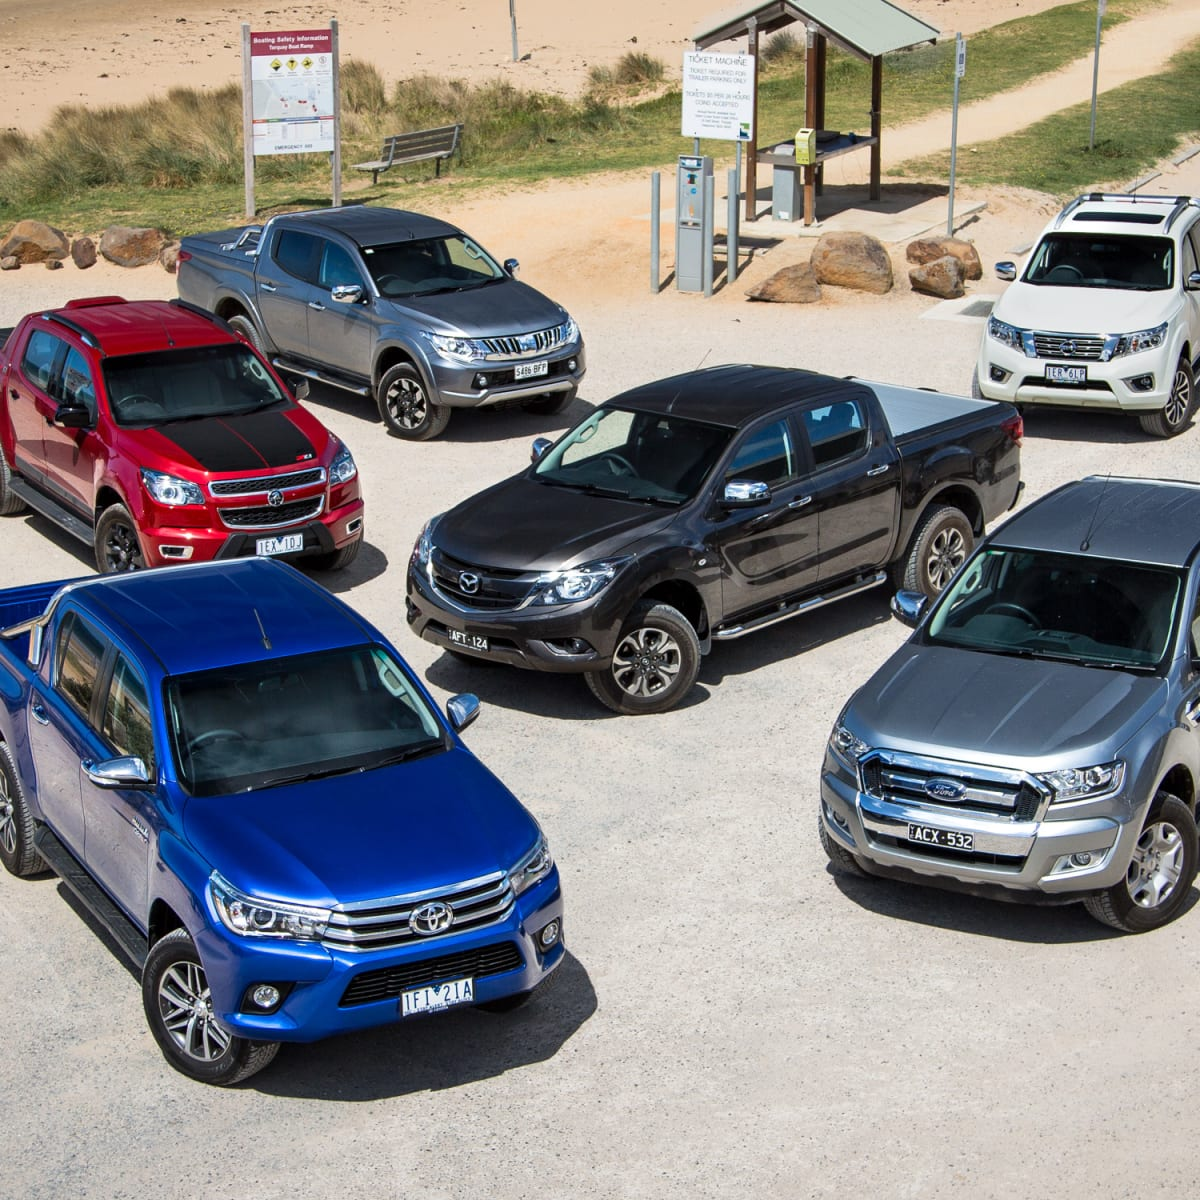 Ute comparison: Ford Ranger v Holden Colorado v Isuzu D-MAX v Mazda